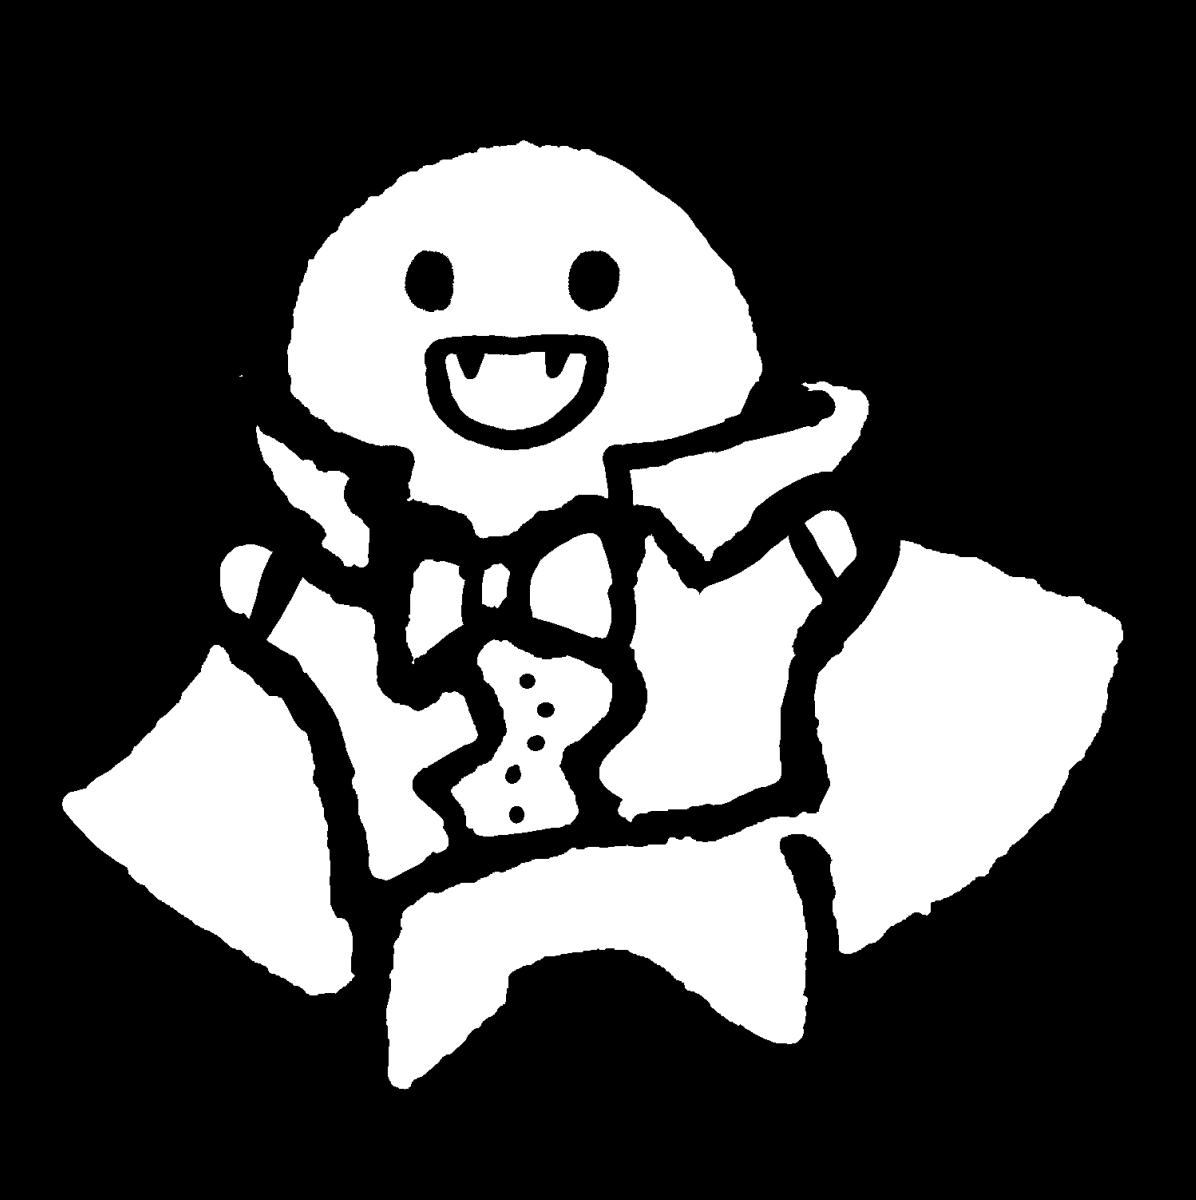 ドラキュラ(丸さんver.)のイラスト /  Illustration